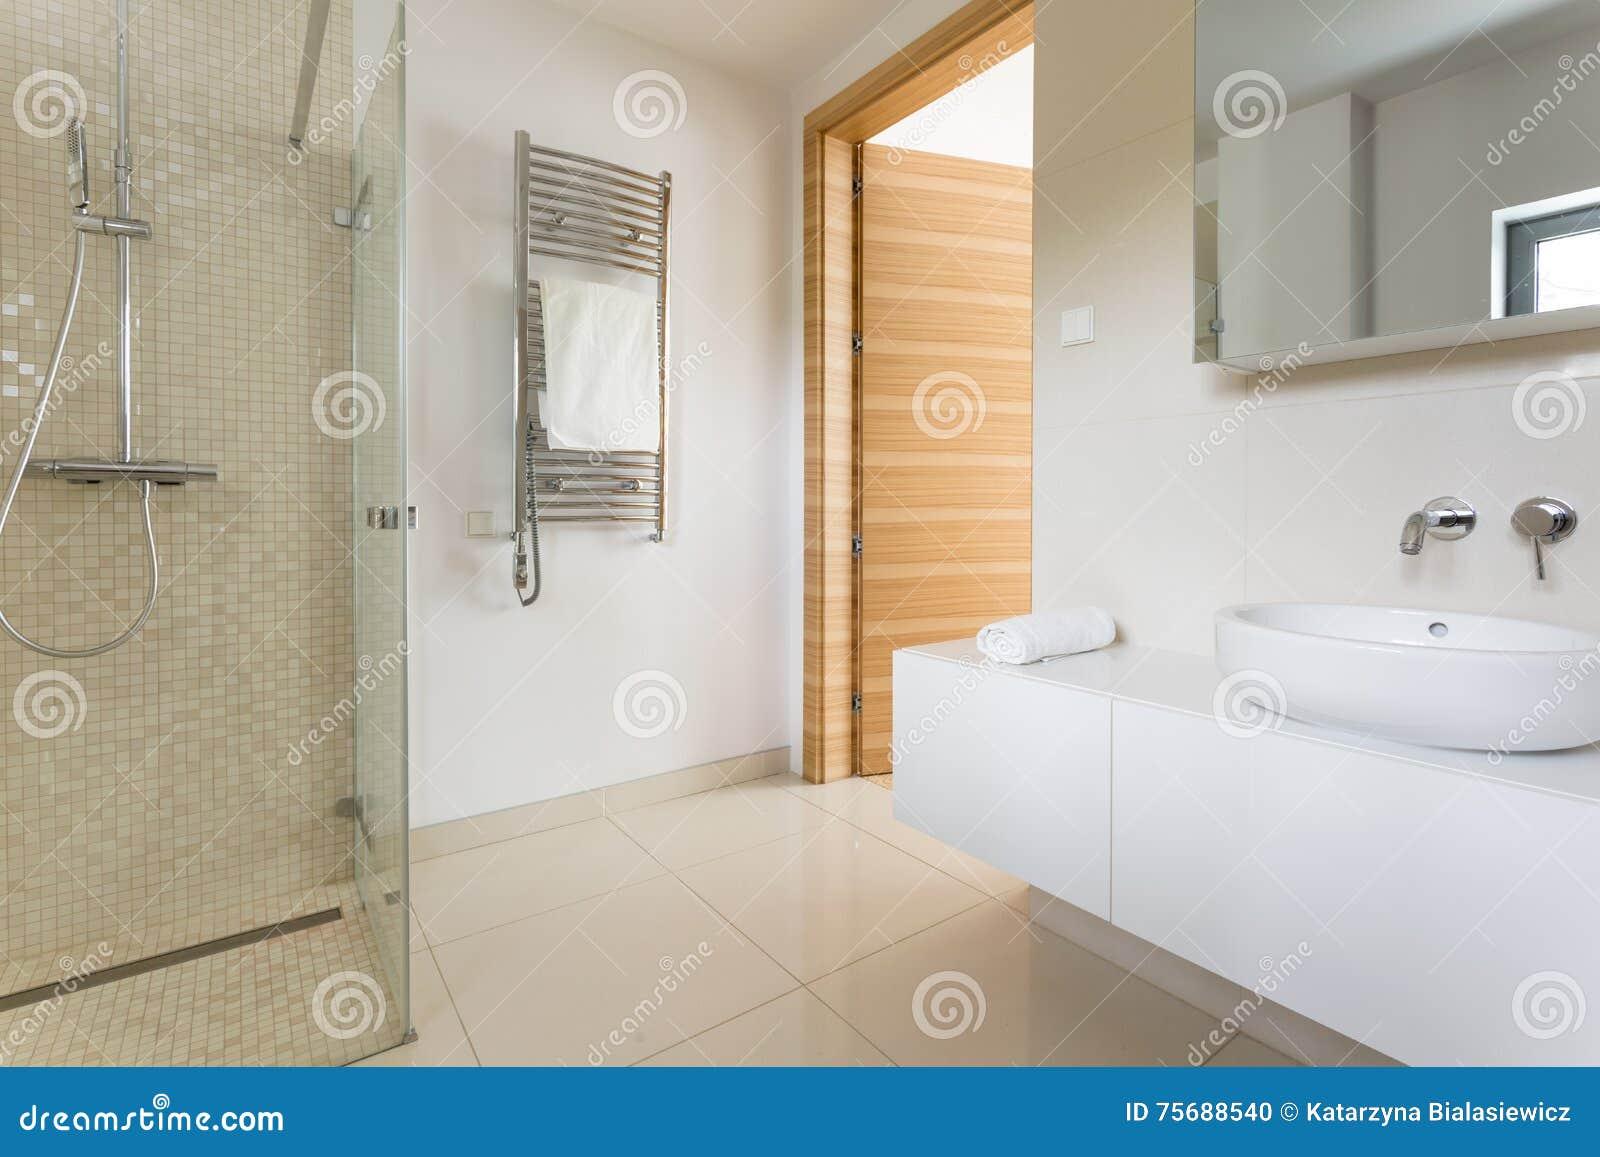 Level Out Bathroom Floor : Spacious modern bathroom stock photo image